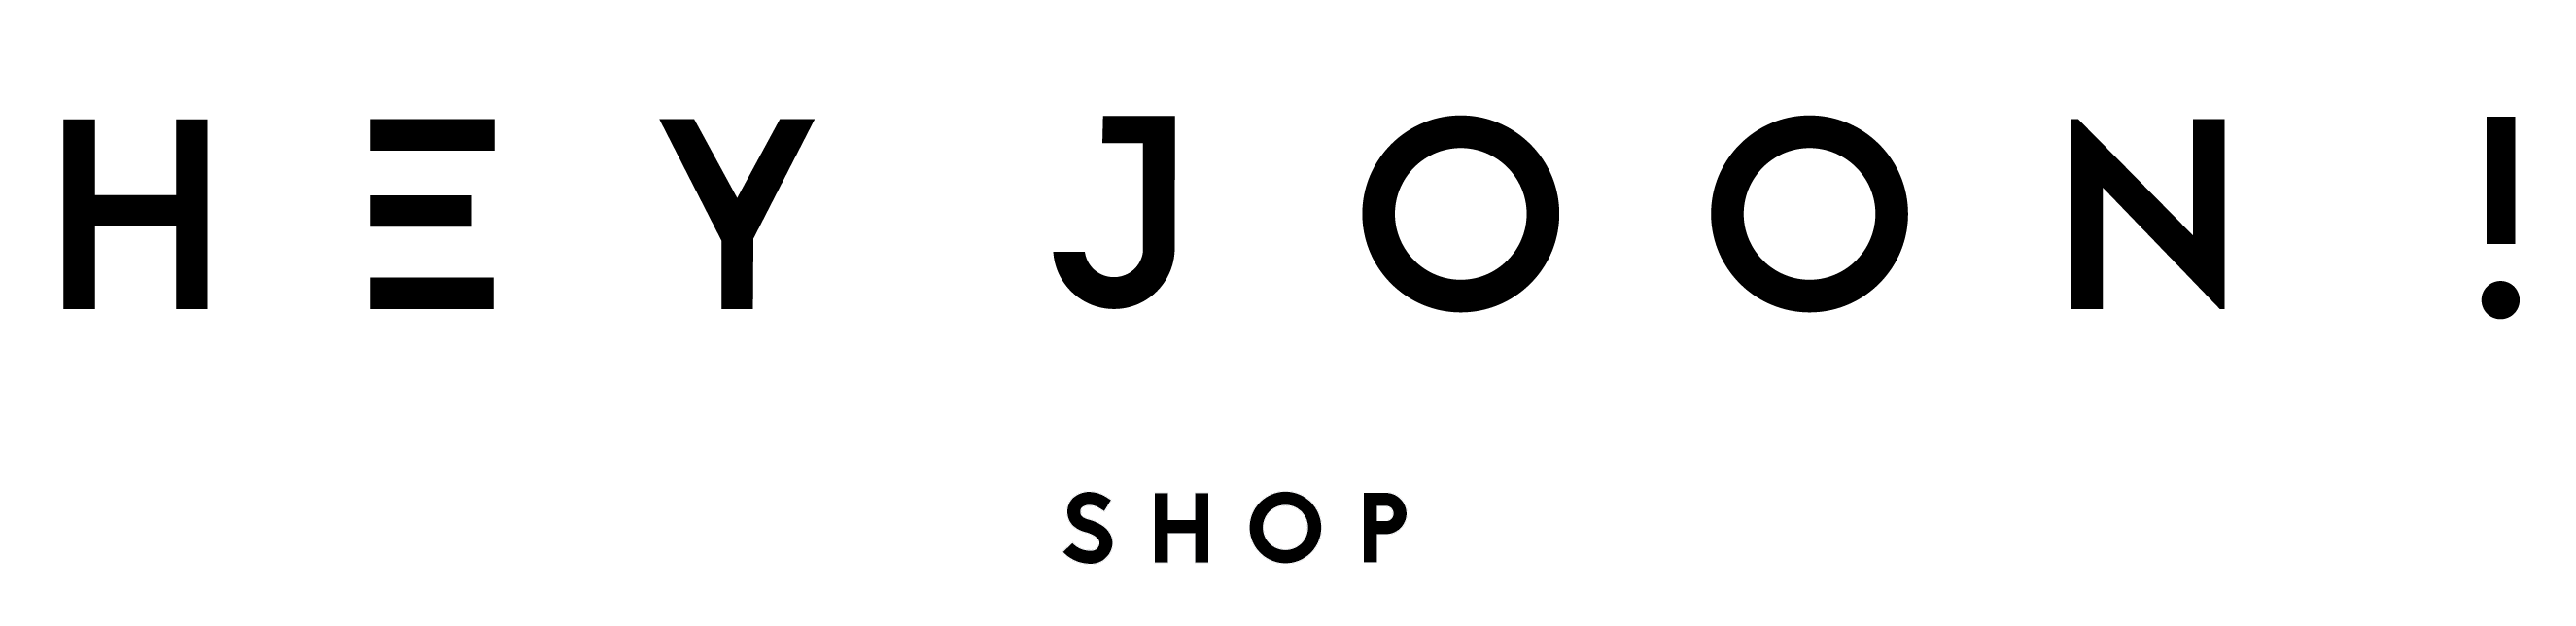 Hey Joon shop